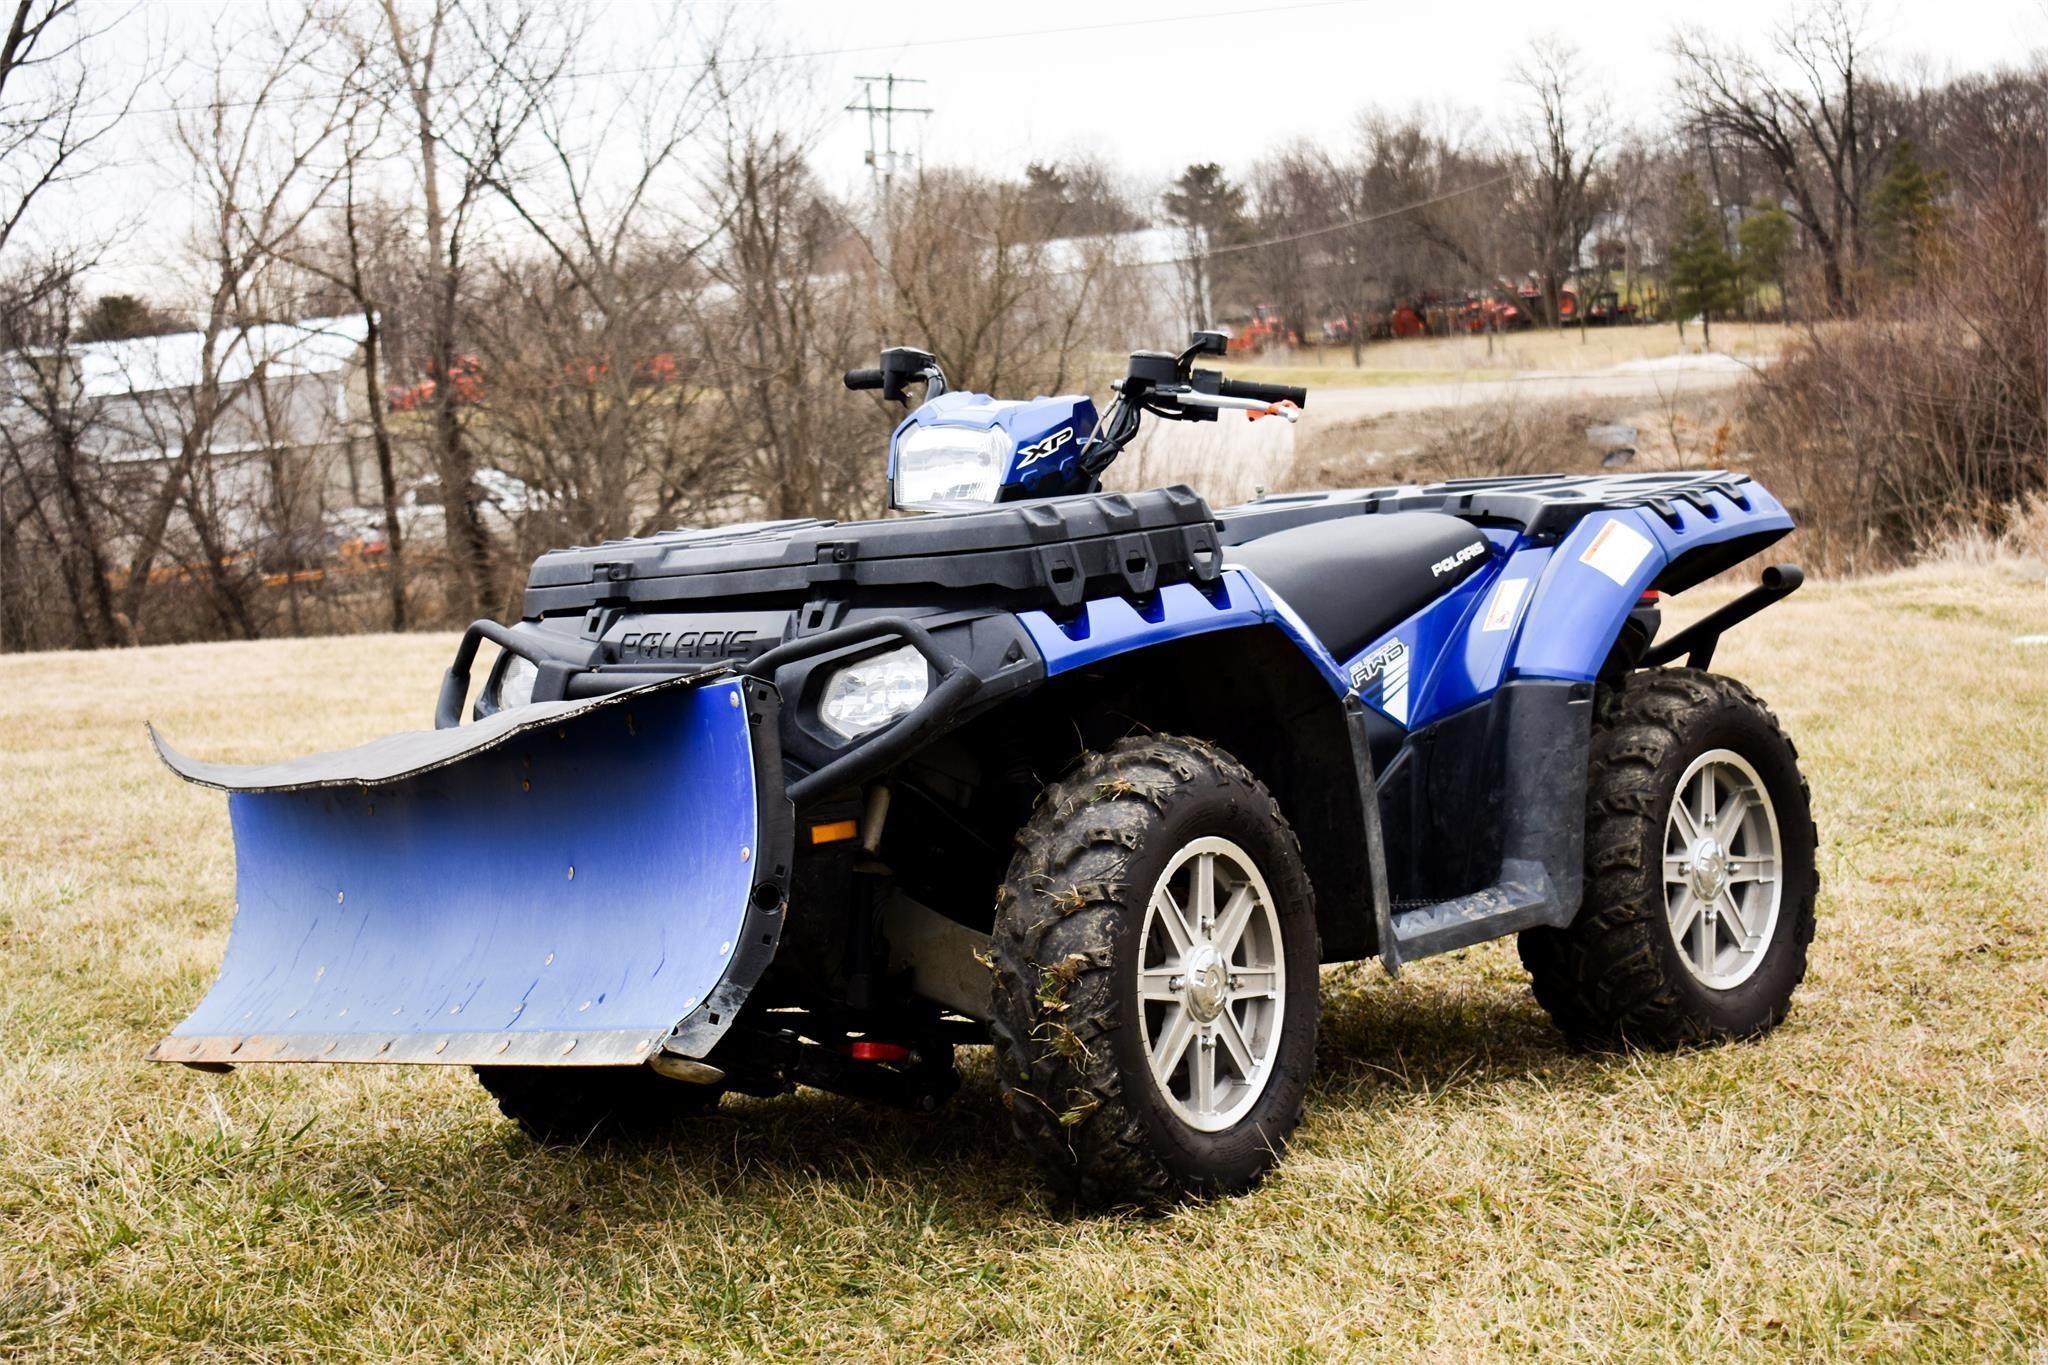 2015 Polaris Sportsman 850 ATVs and Utility Vehicle